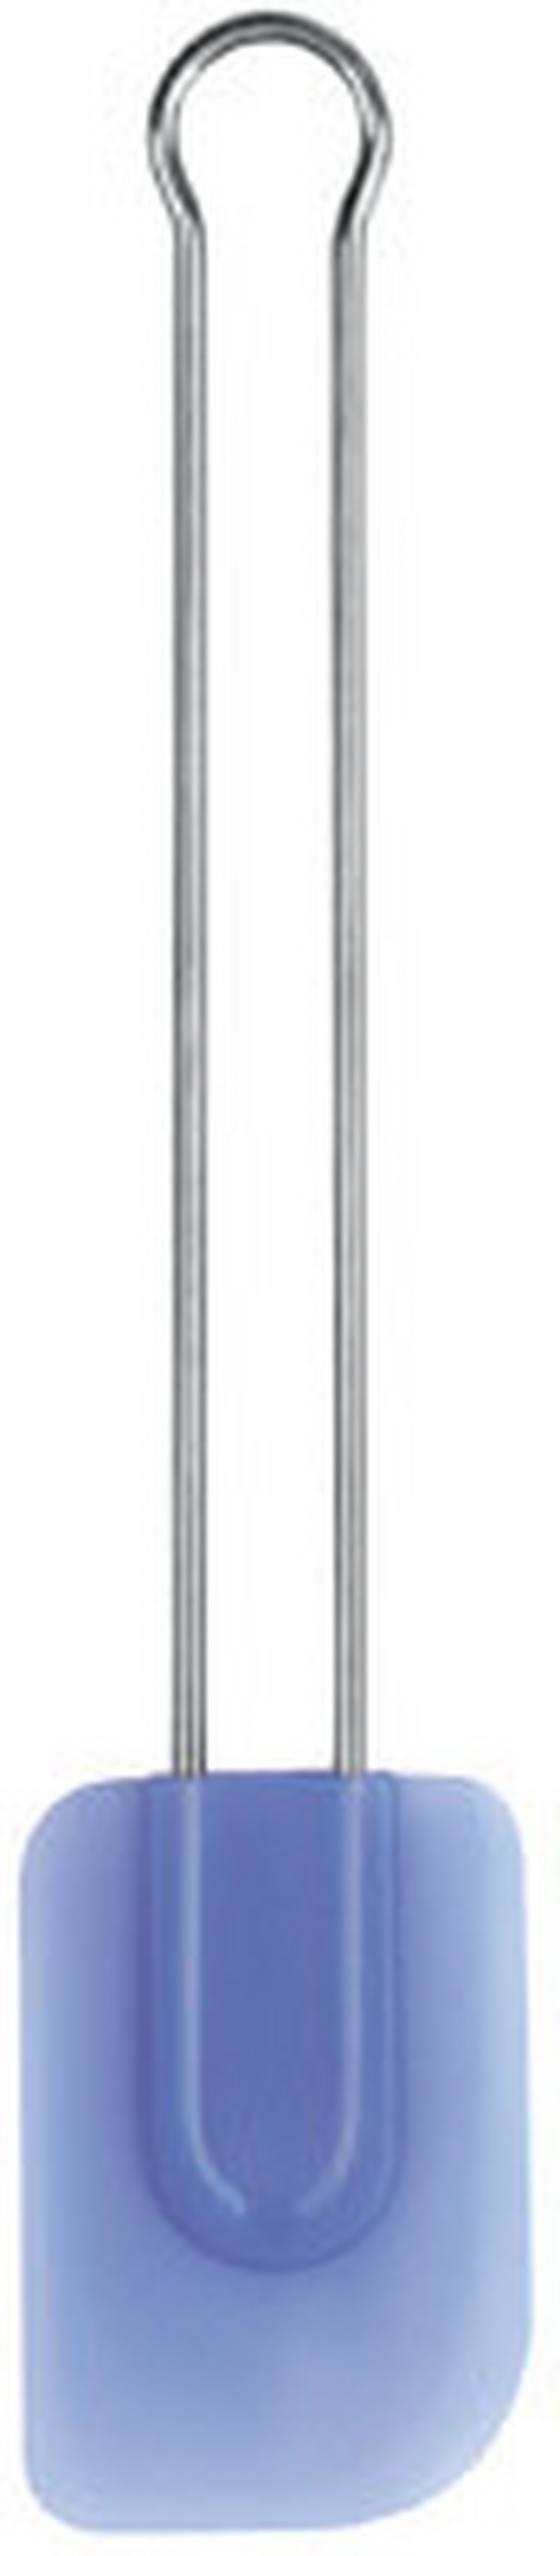 Spatula Szilikon - kék/ezüst színű, konvencionális, műanyag (29cm)